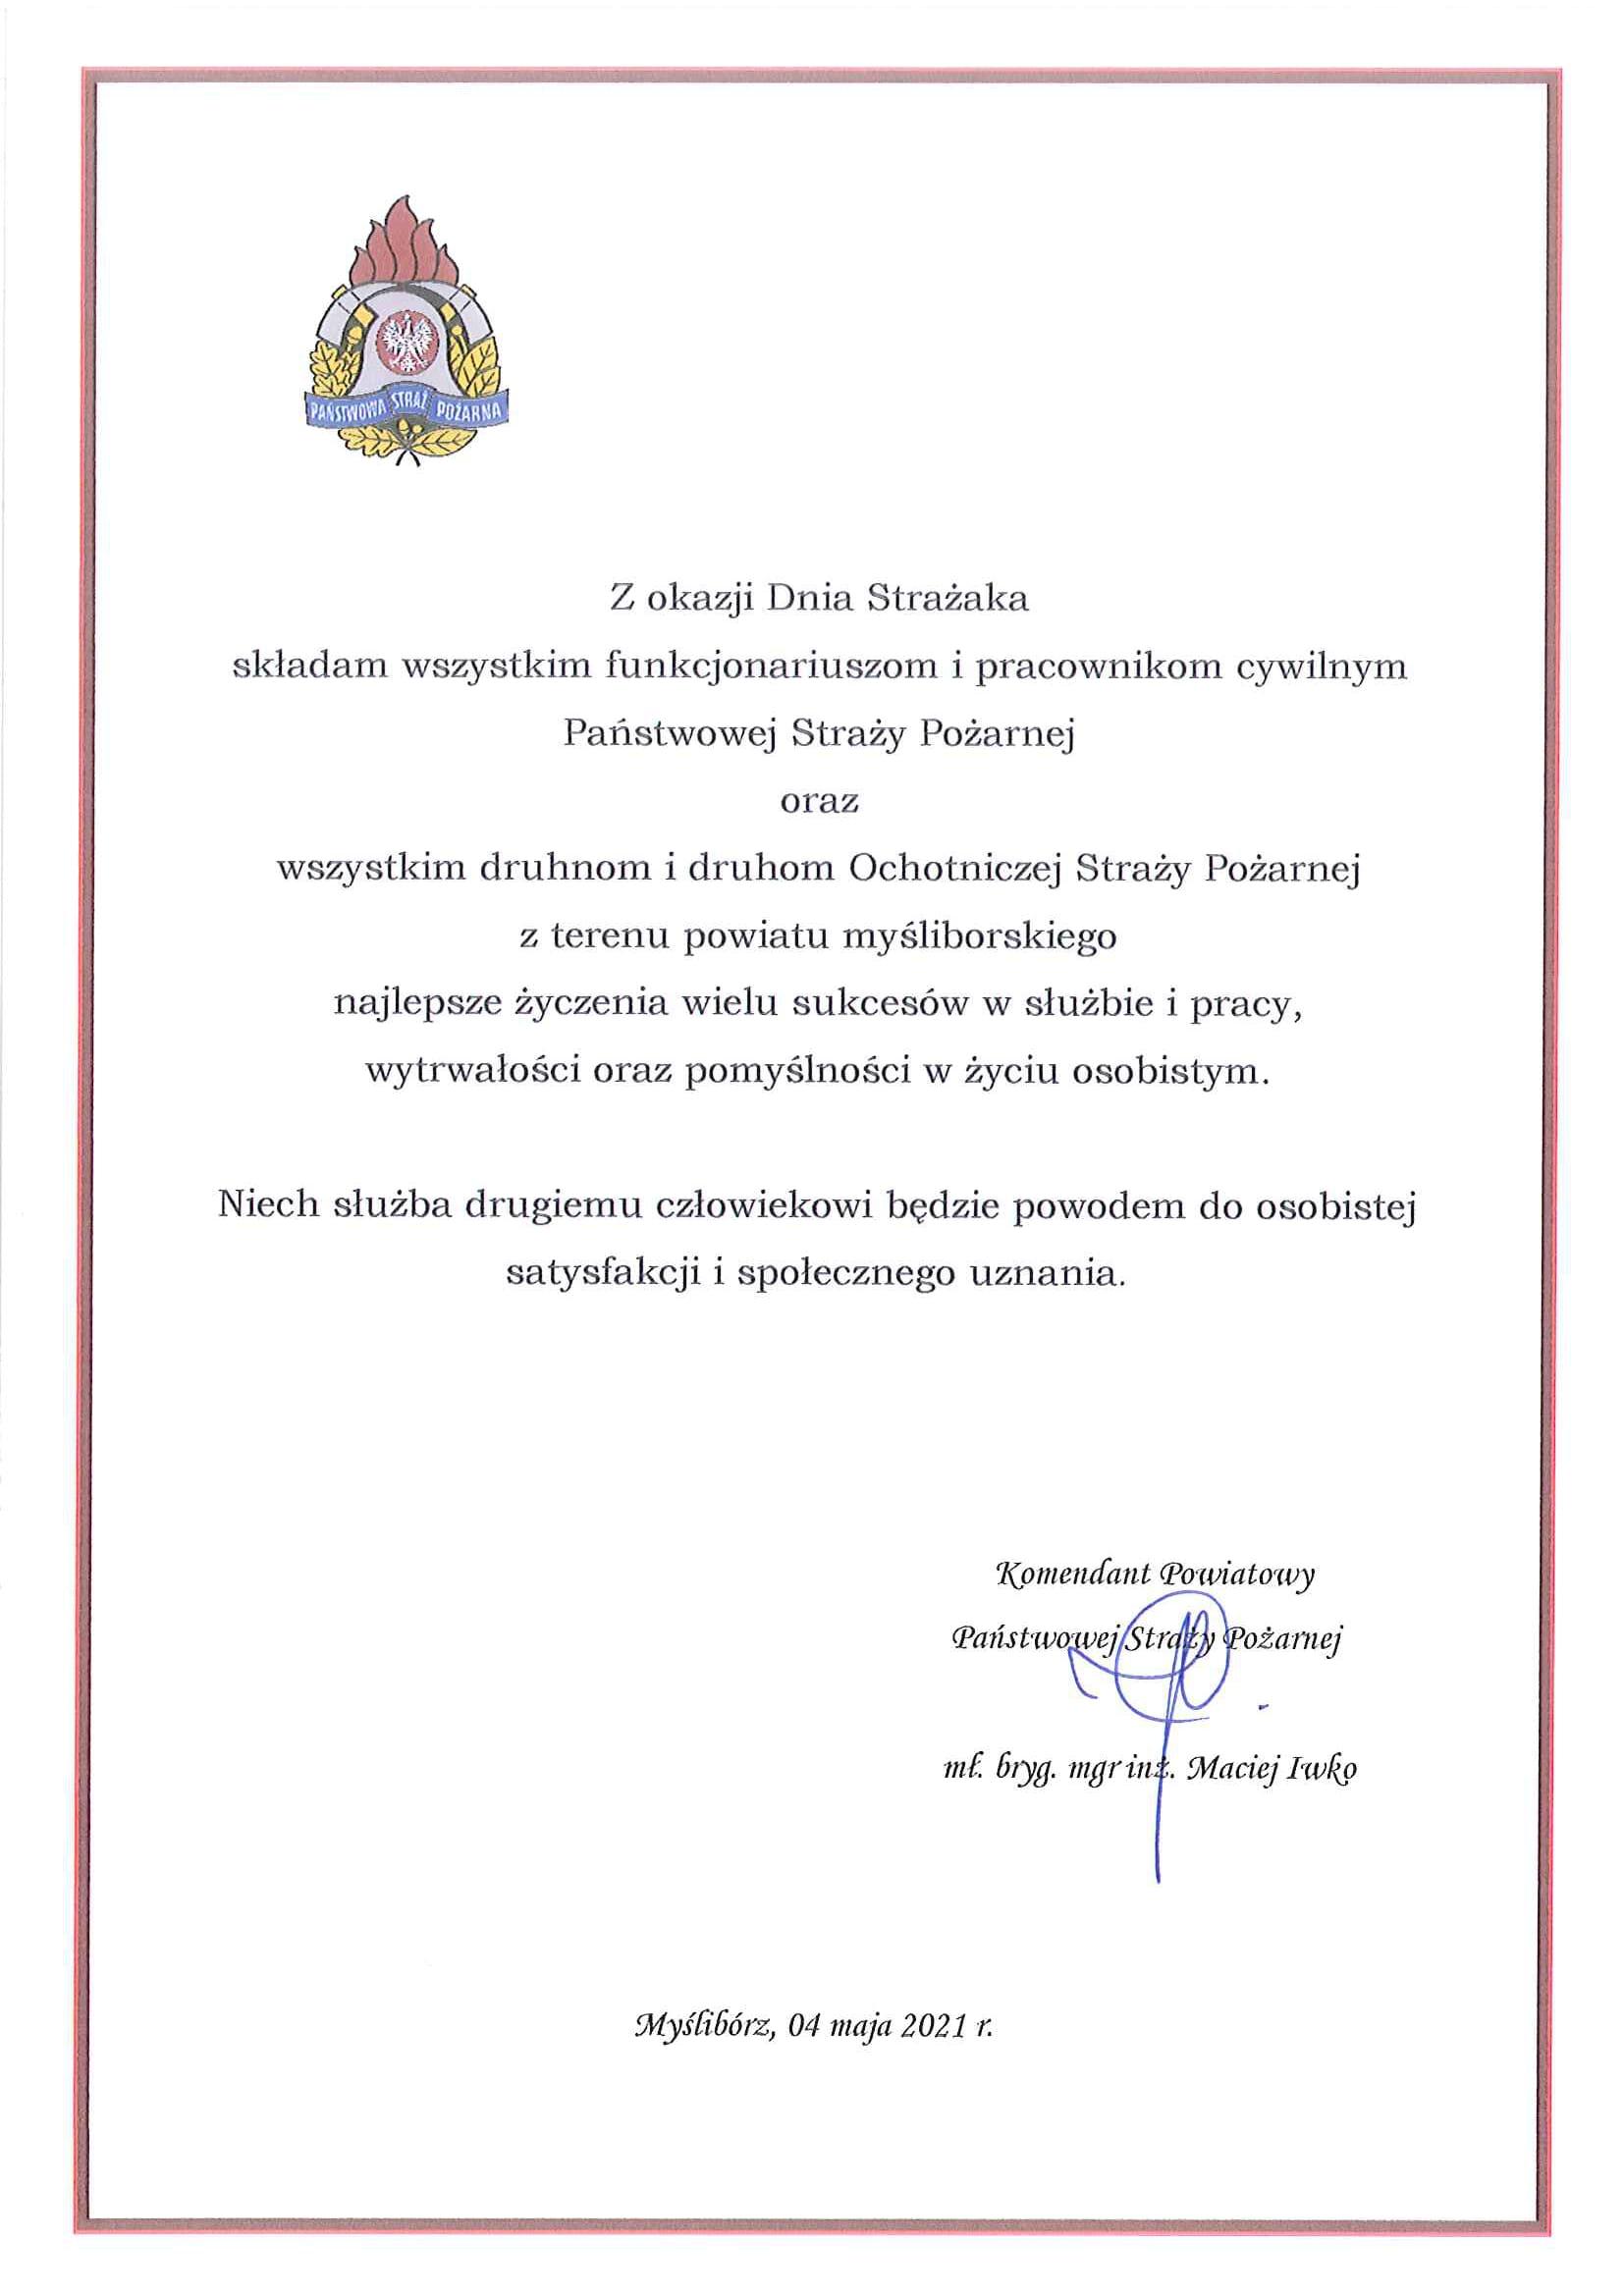 Życzenia Komendanta Powiatowego PSP